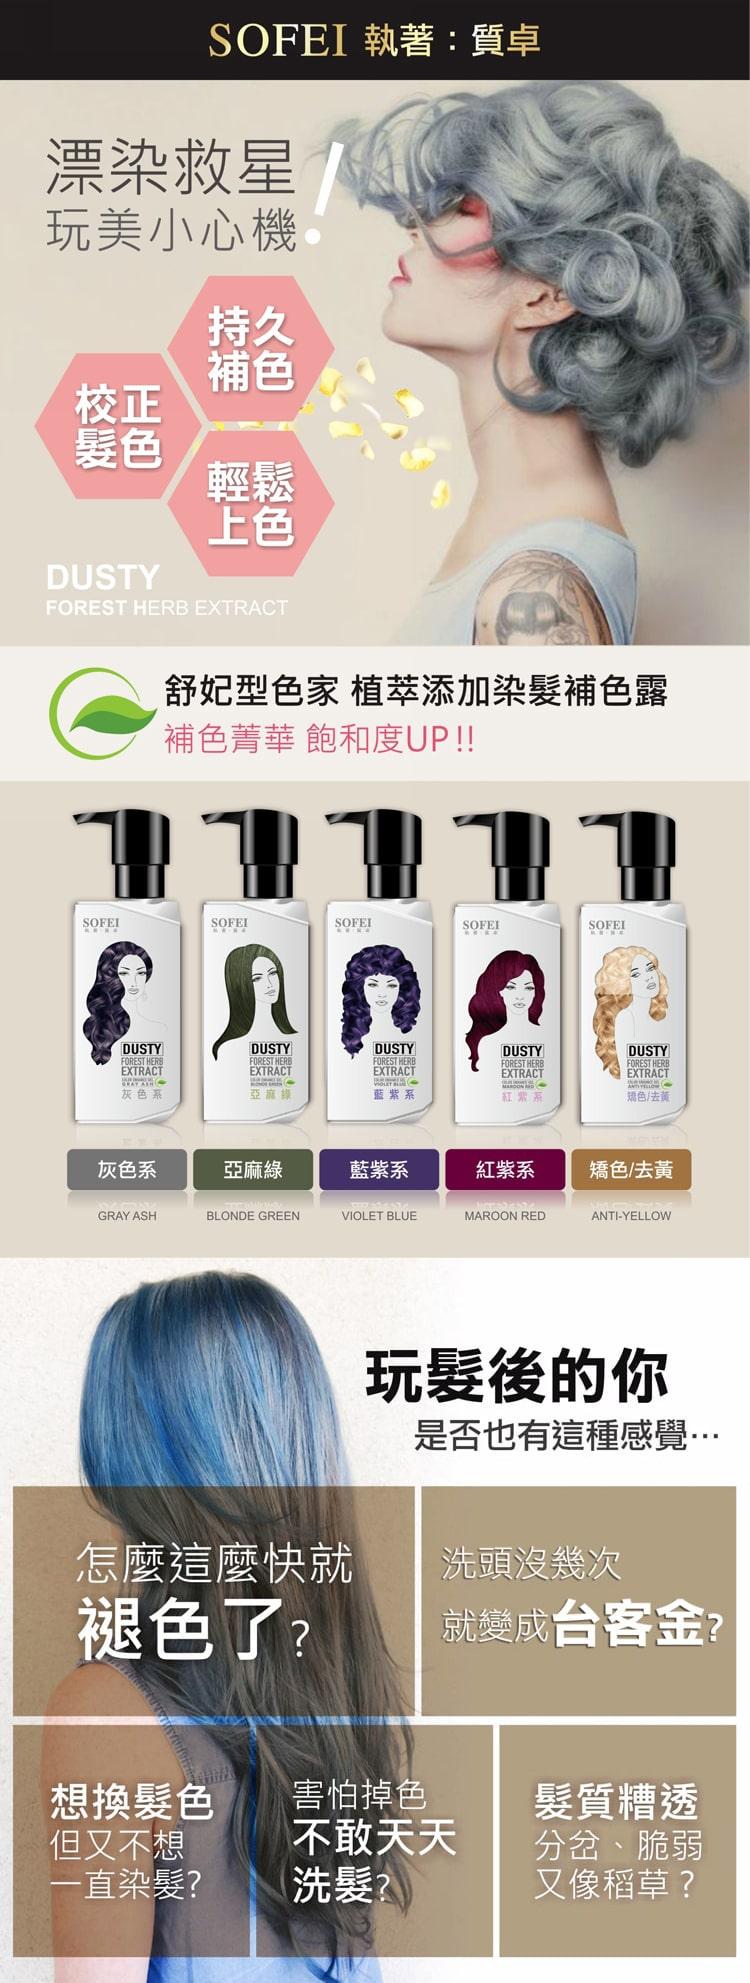 舒妃SOFEI型色家植萃添加染髮補色露(200ml)